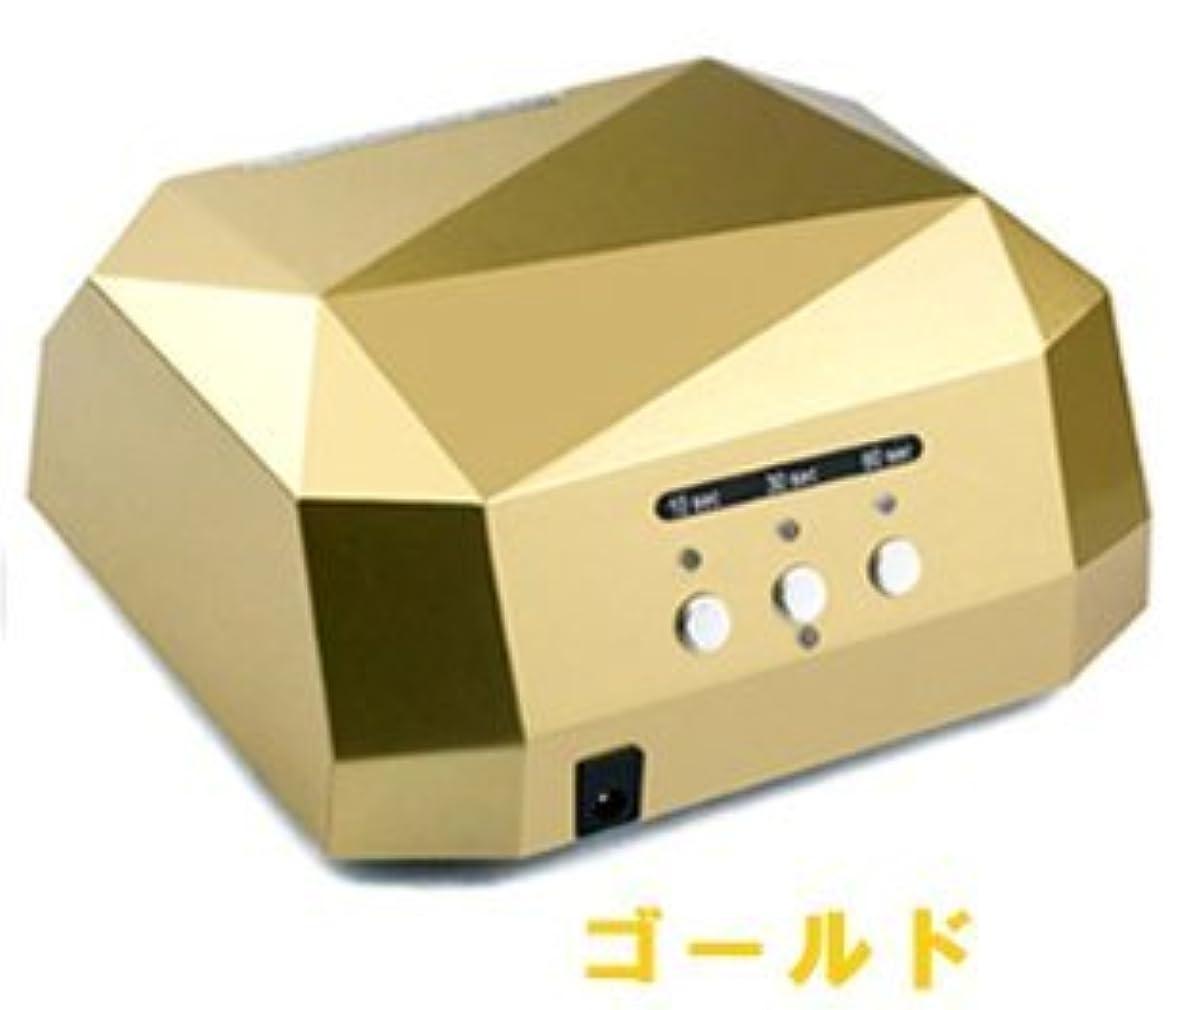 恵みしみ検査官LED&CCFLダブル搭載 36Wハイパワーライト/ダイヤモンド型/タイマー付き!/自動感知センサー付き!【全4色】 (ゴールド)